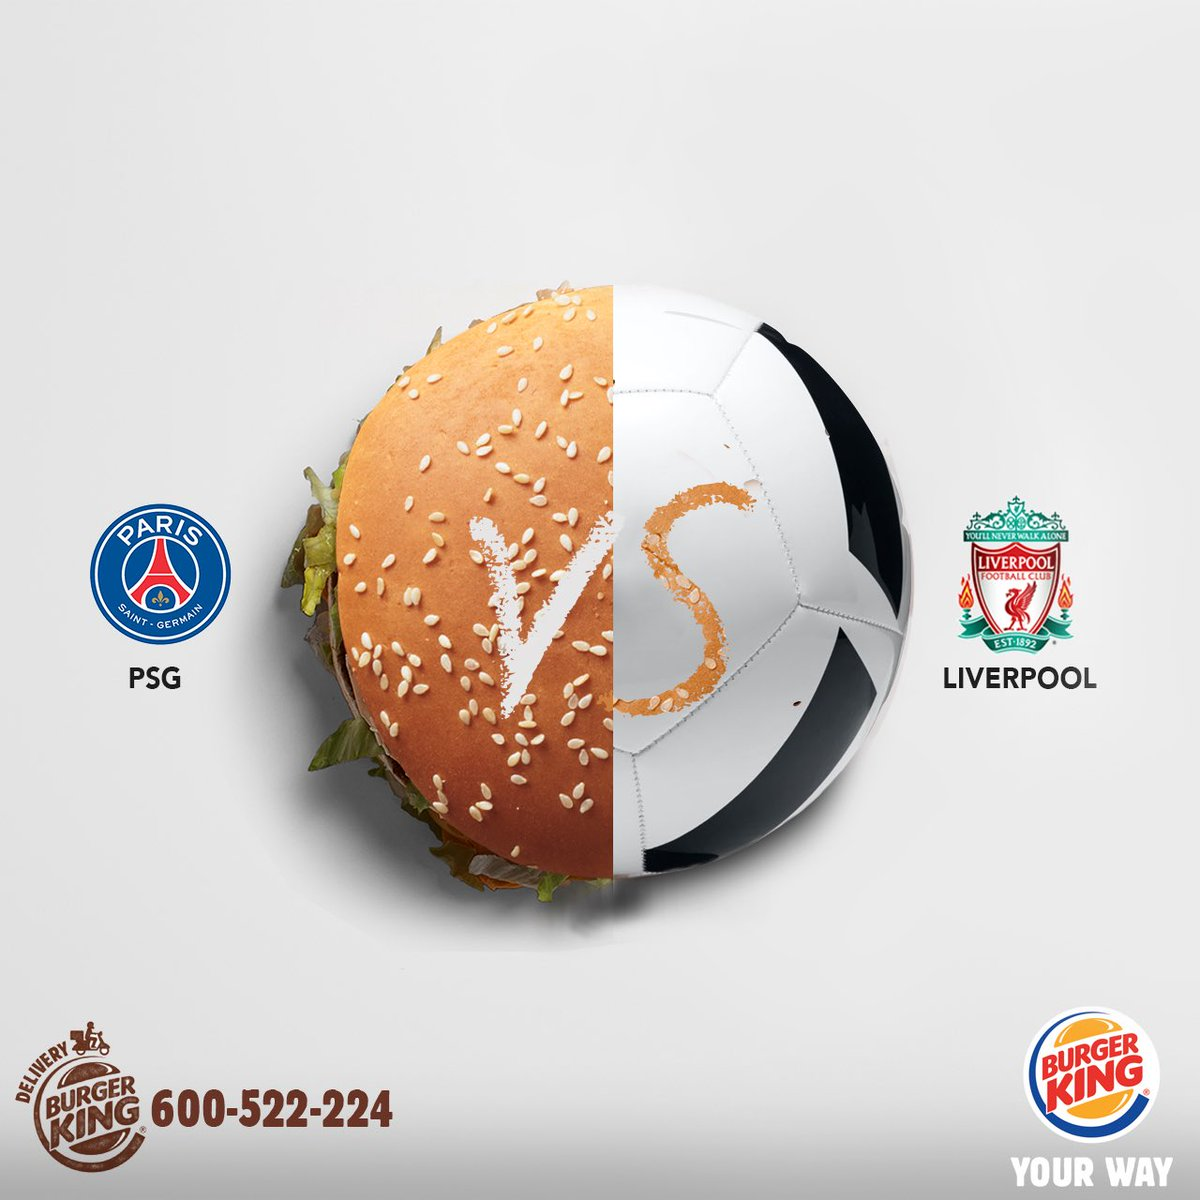 Burger King® UAE (@burgerking_uae) | Twitter